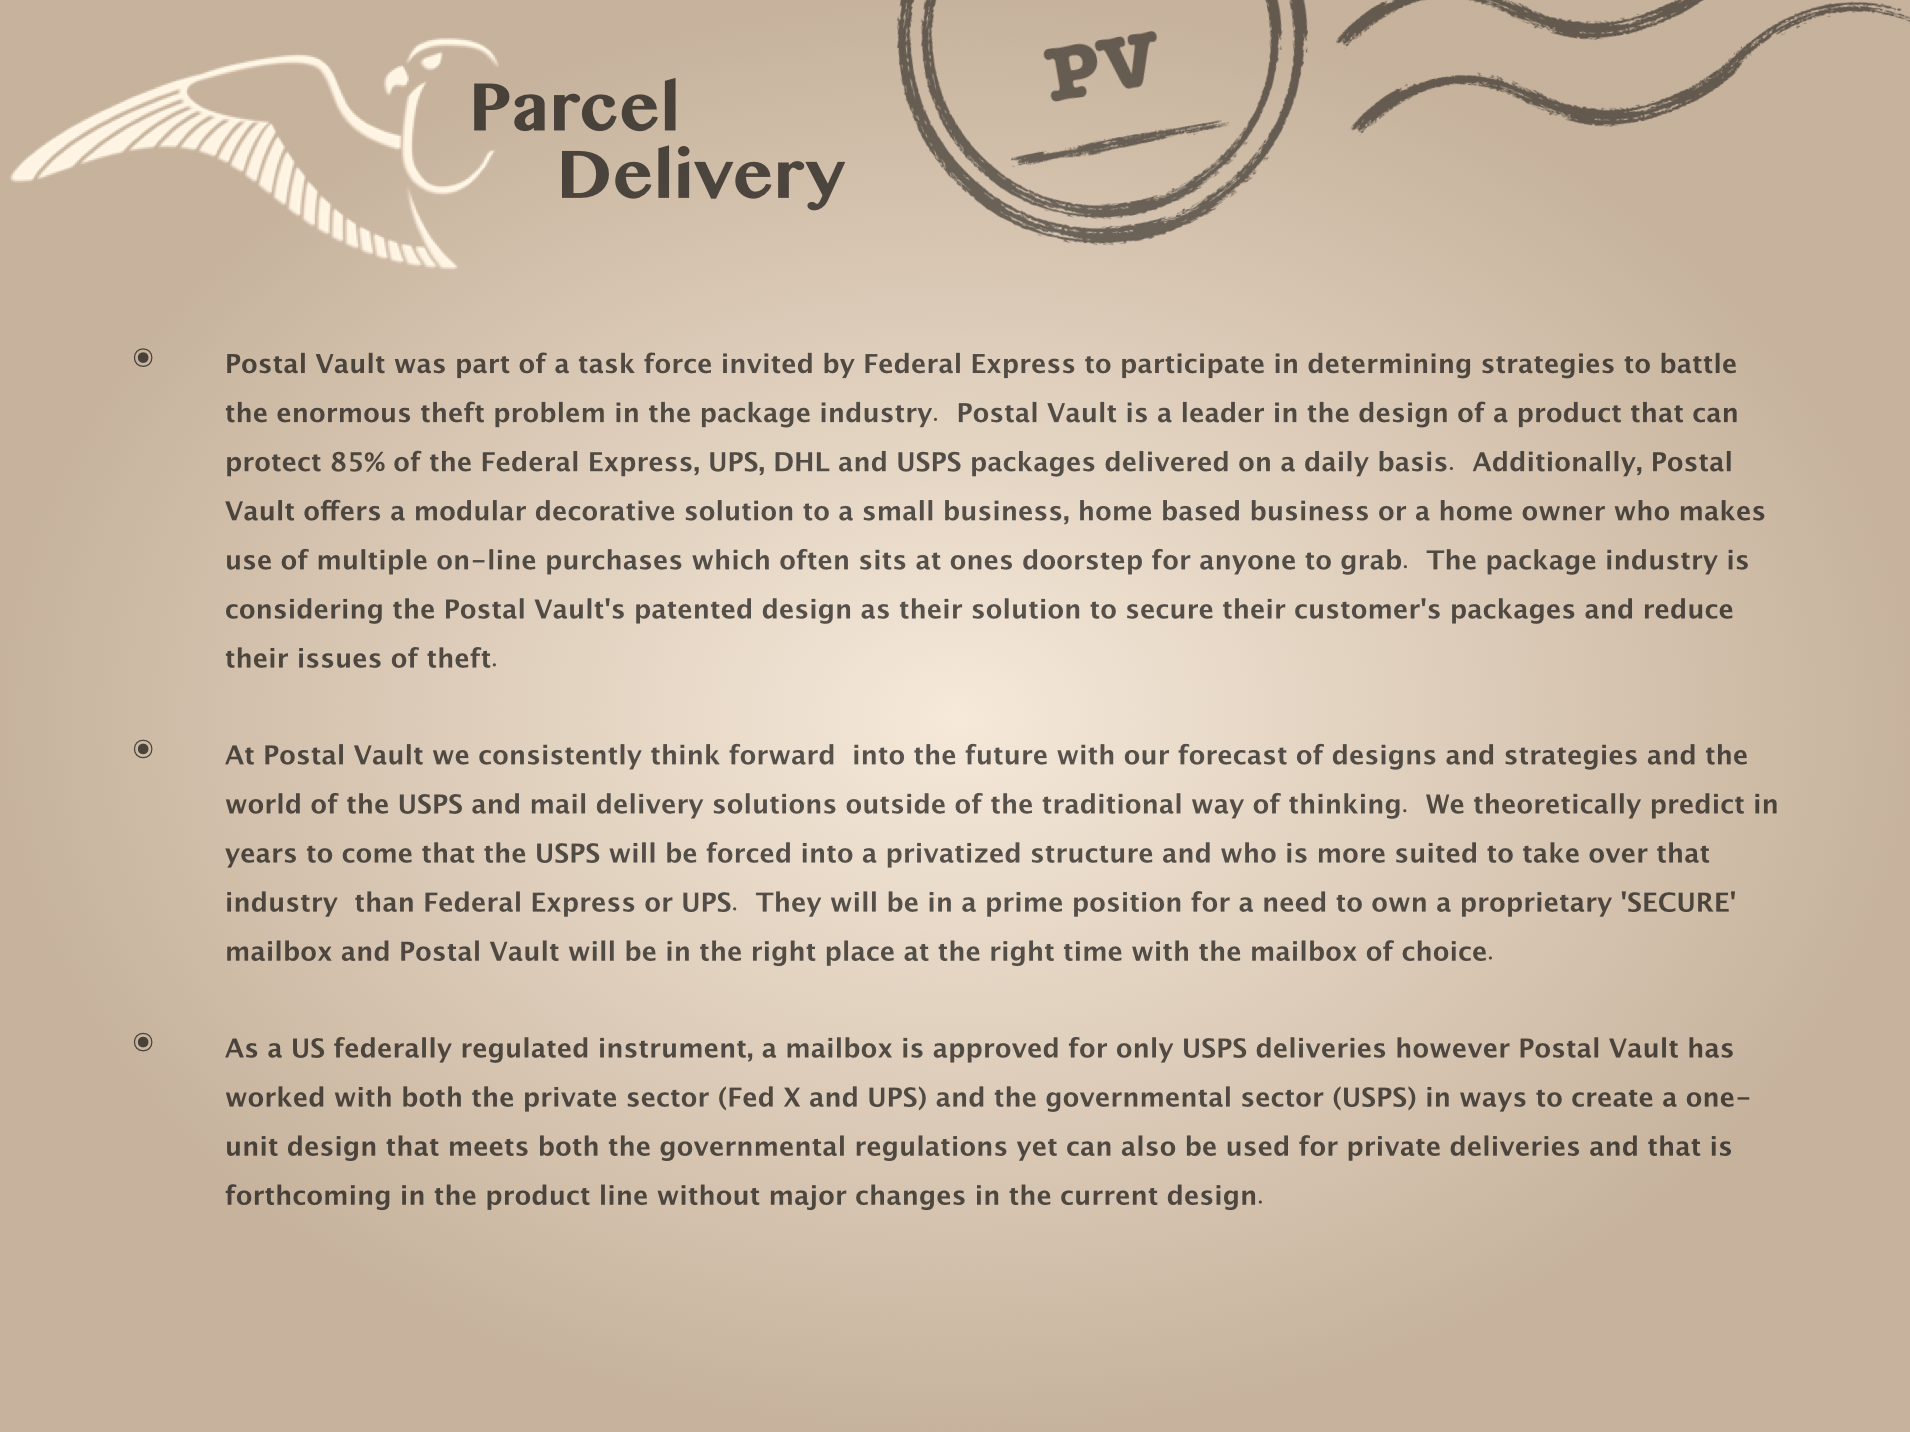 Postal Vault Parcel Delivery